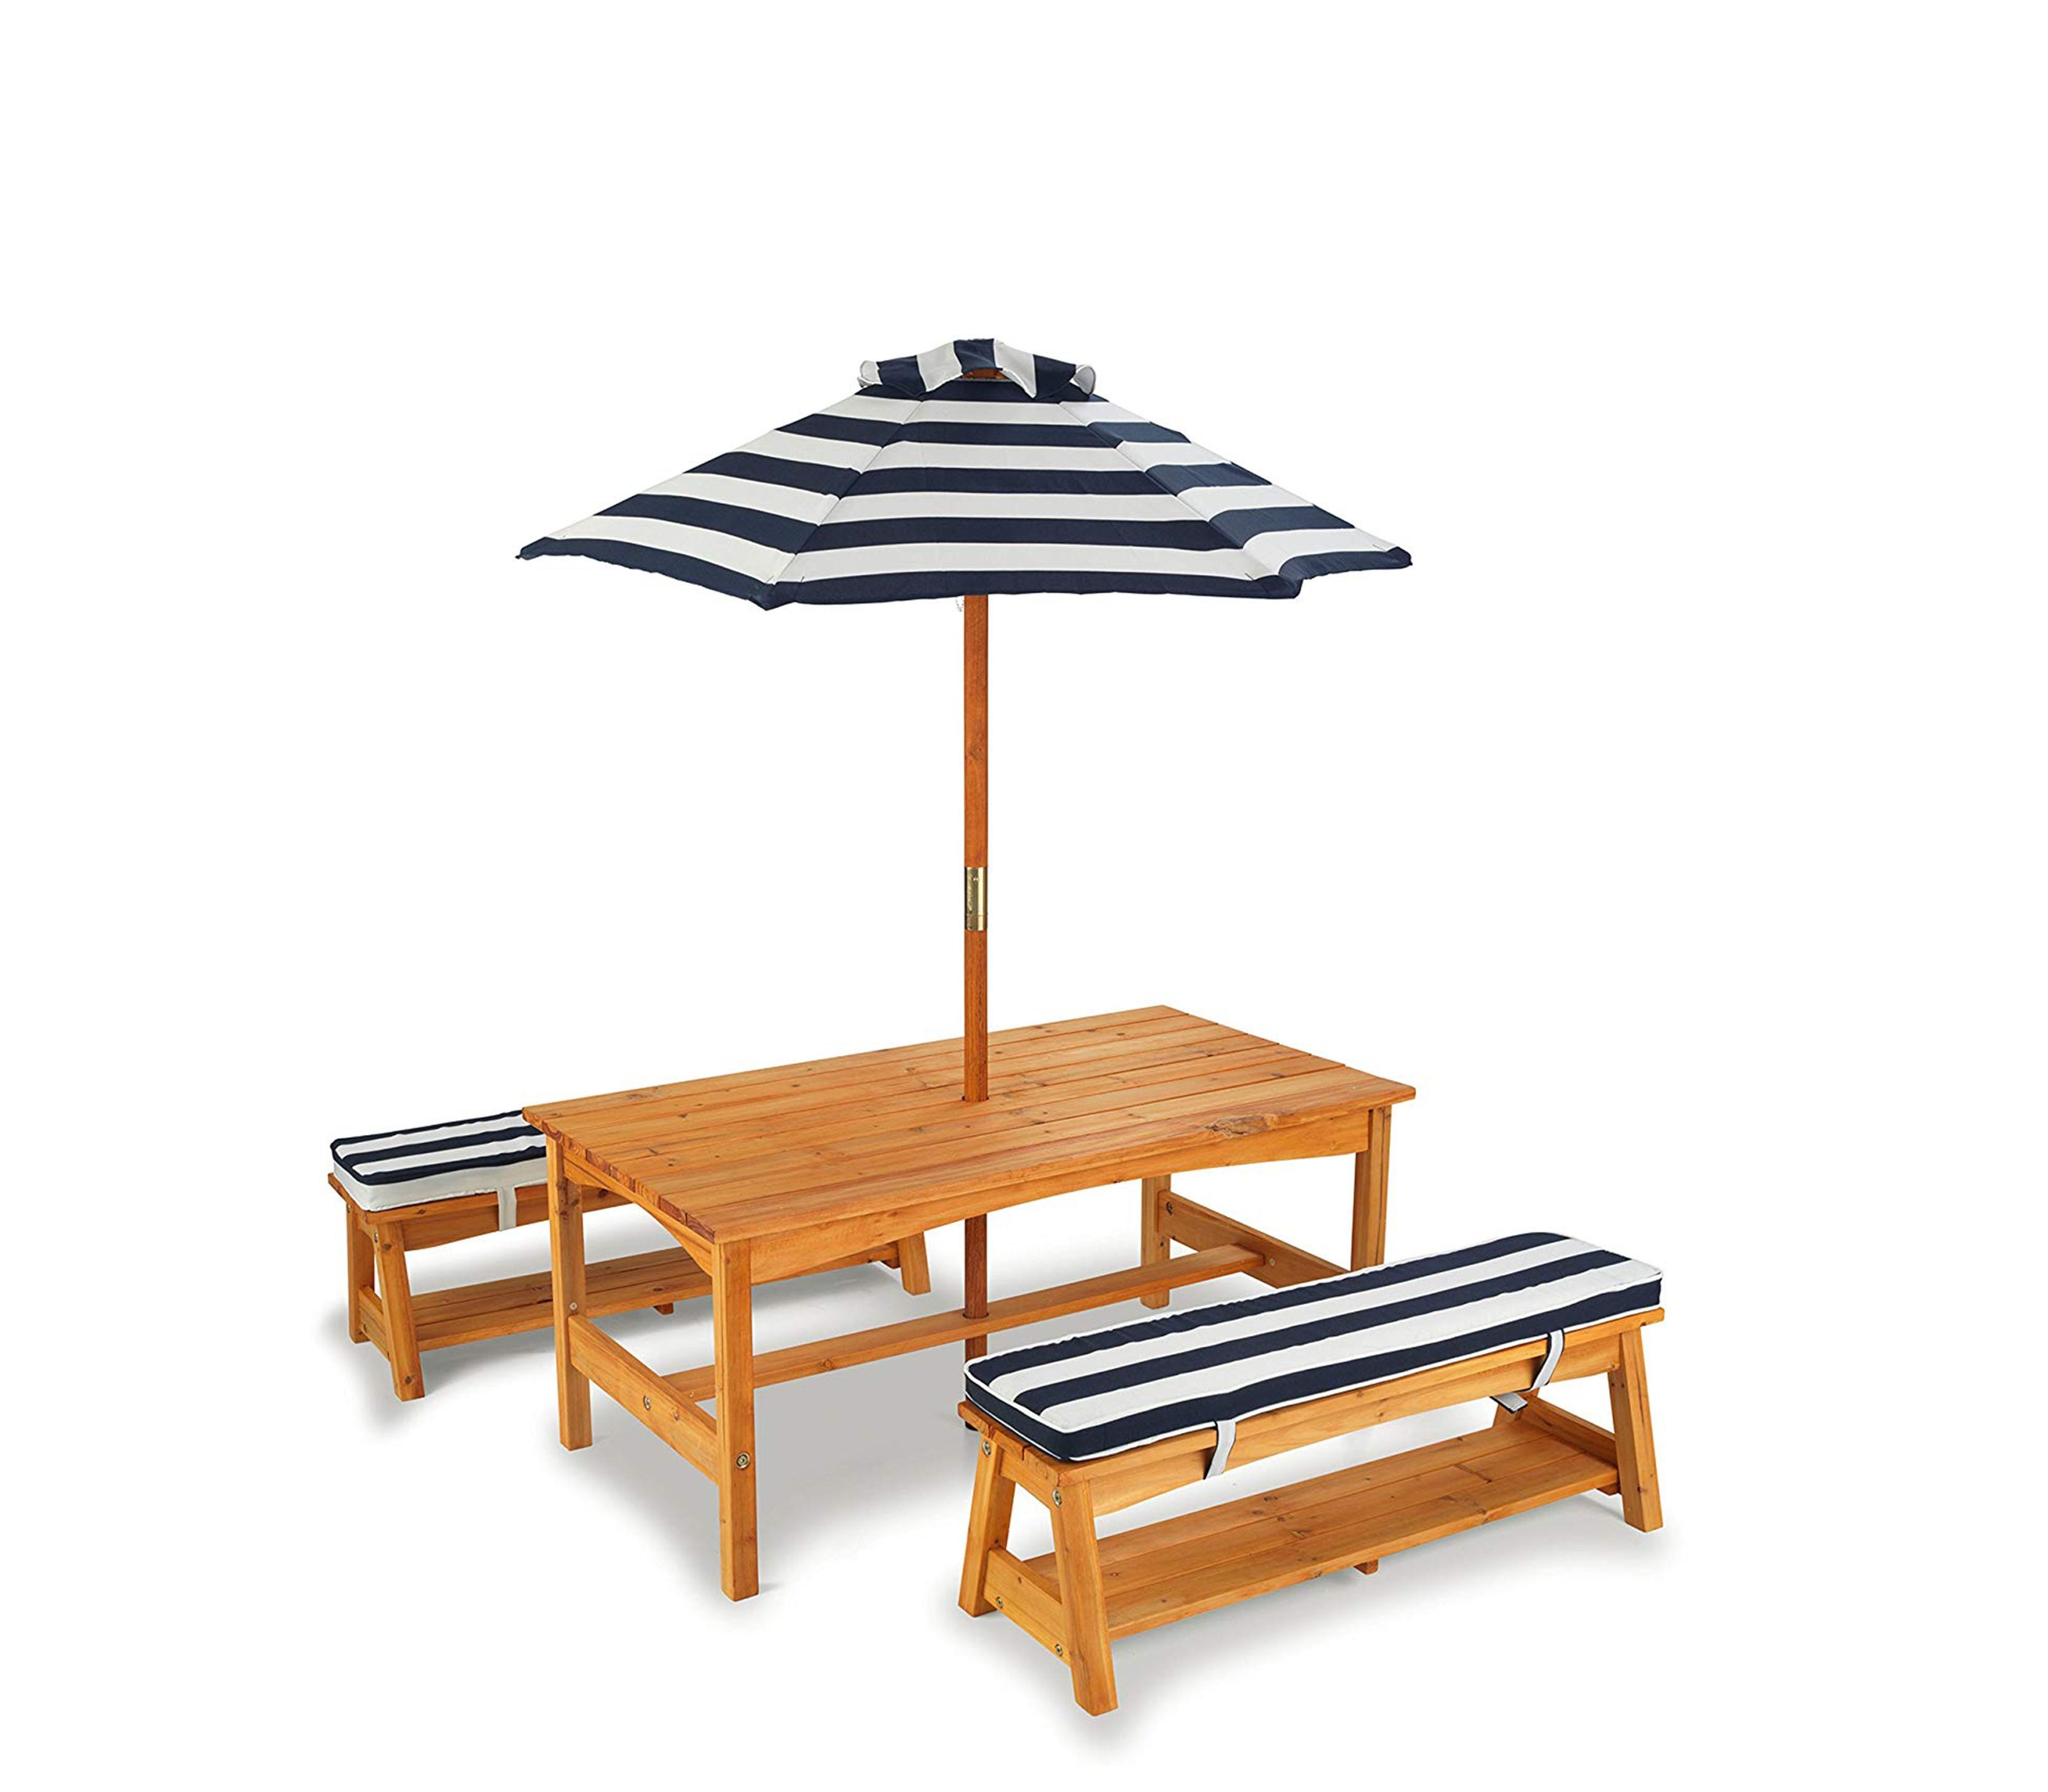 KidKraft Dětský zahradní stůl Bench Set 00106